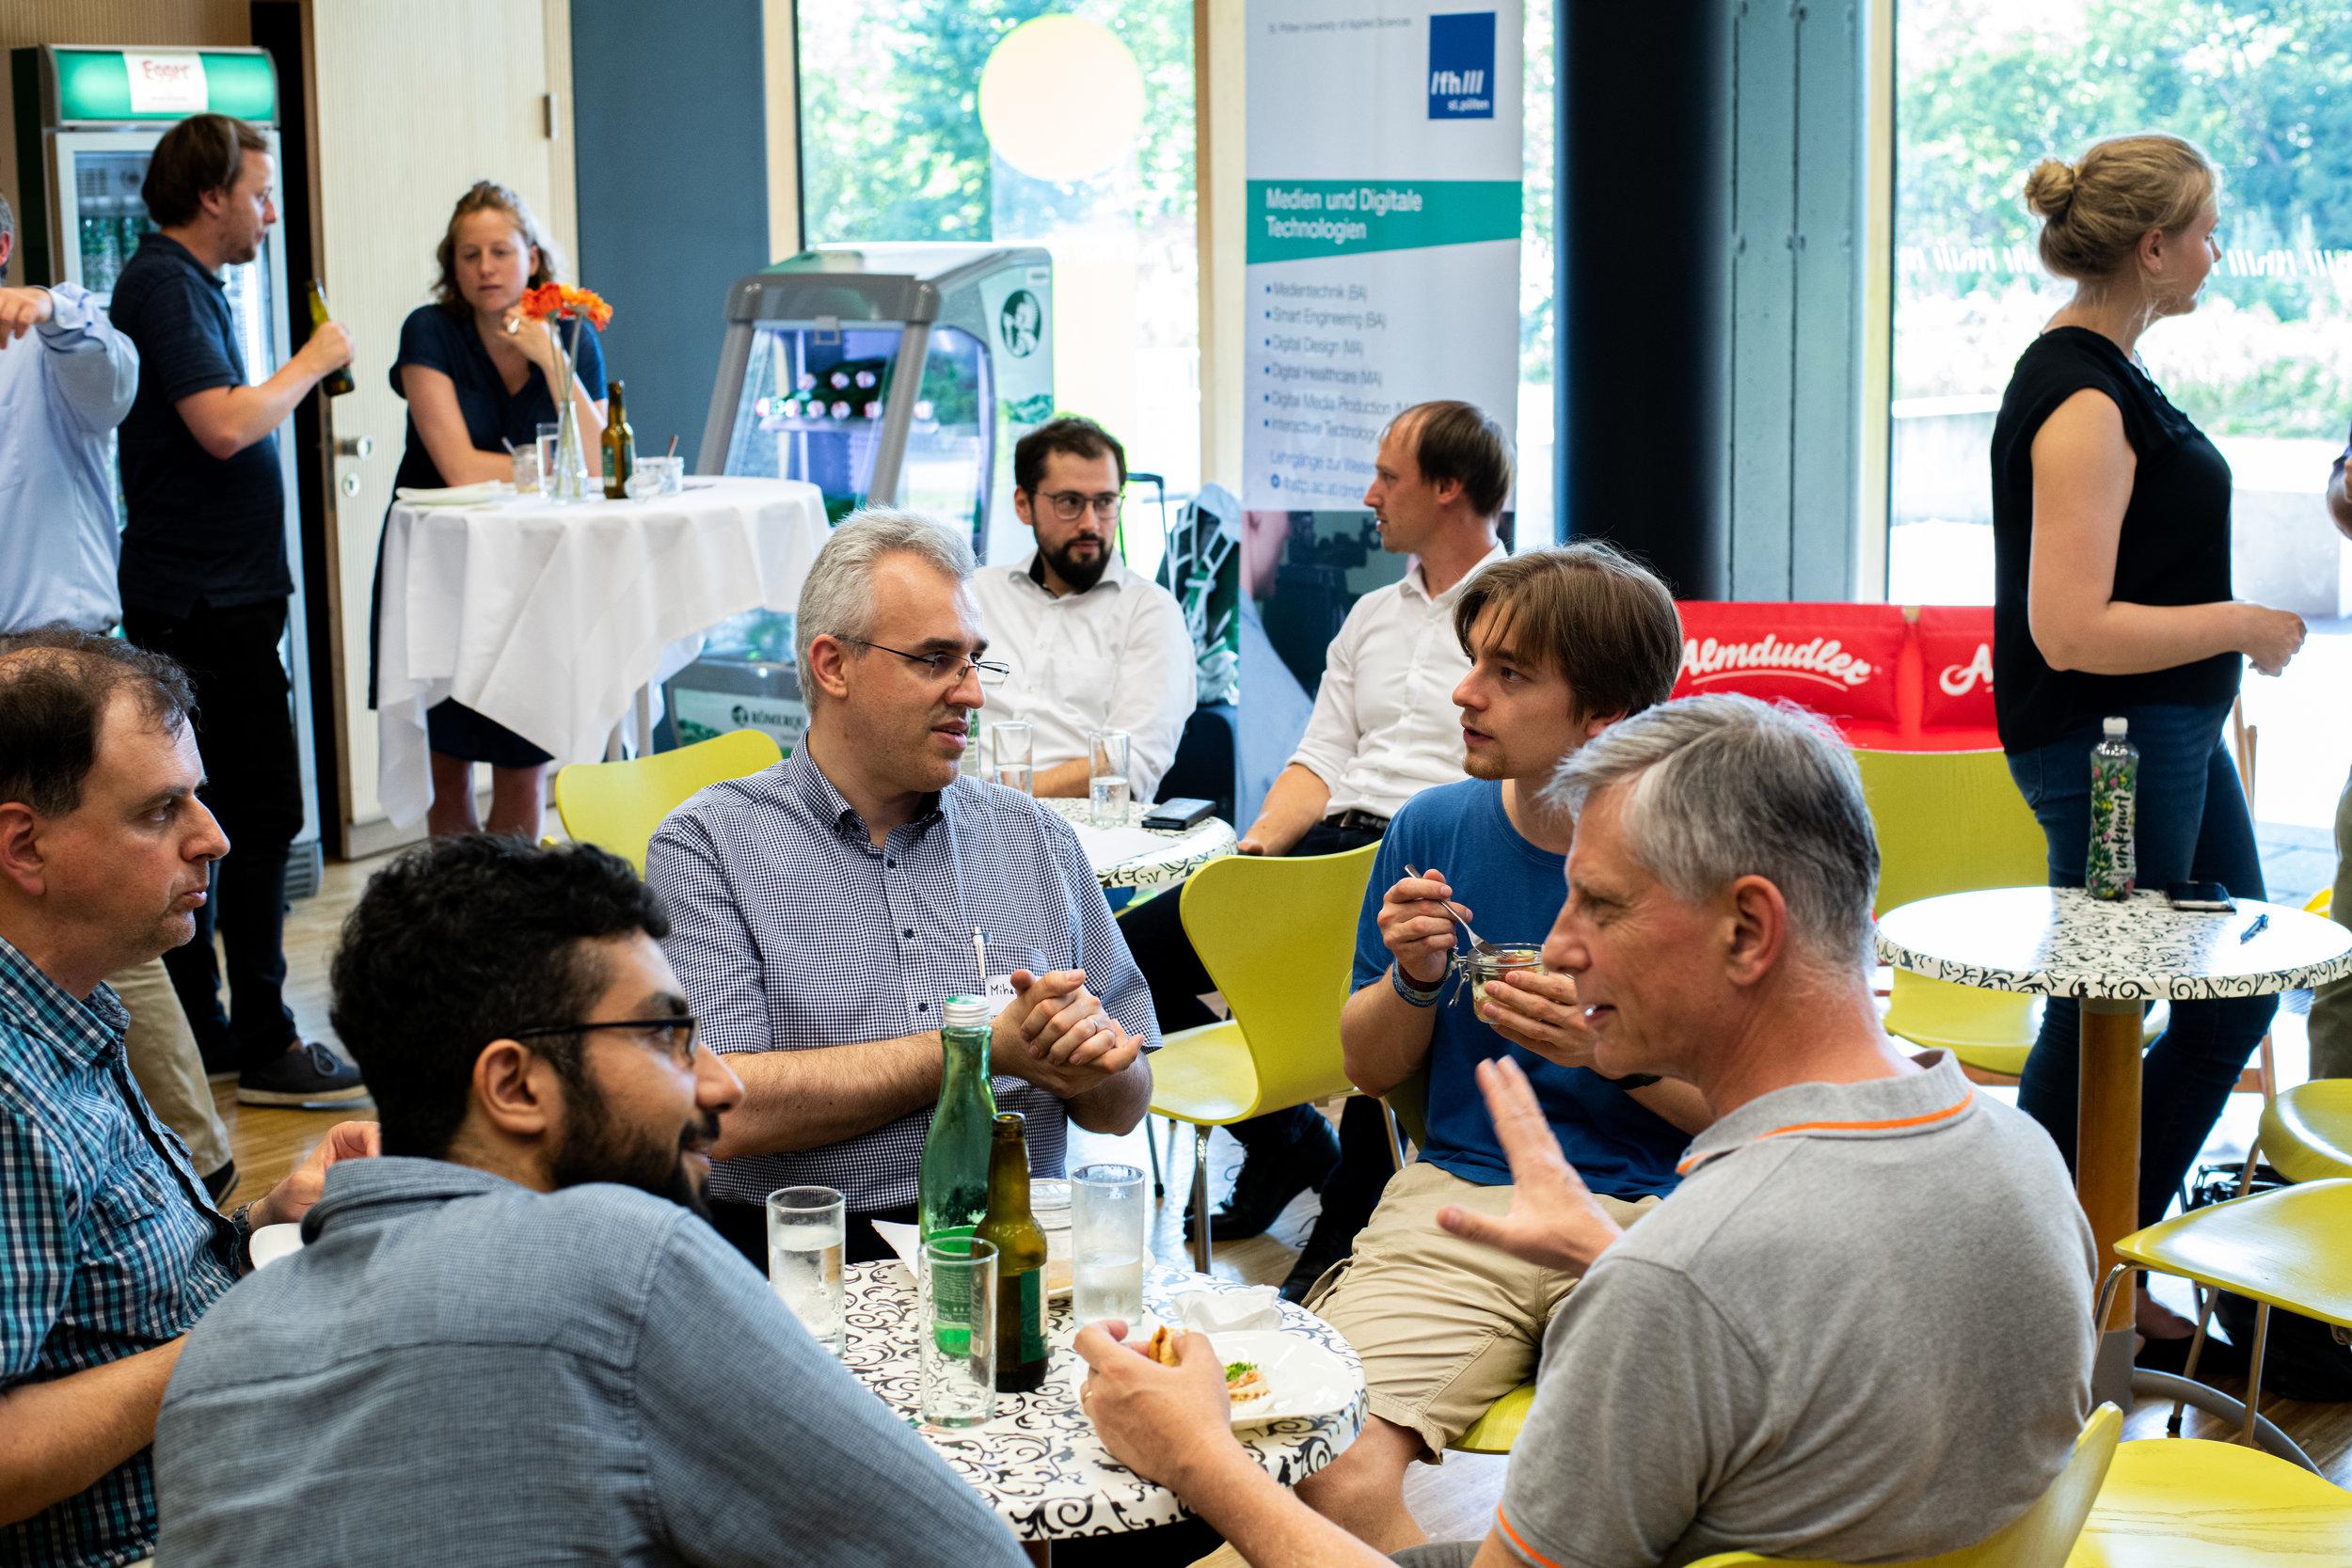 2019-06-25 Future Tech Forum (c) Fabian Alphart-14.jpg